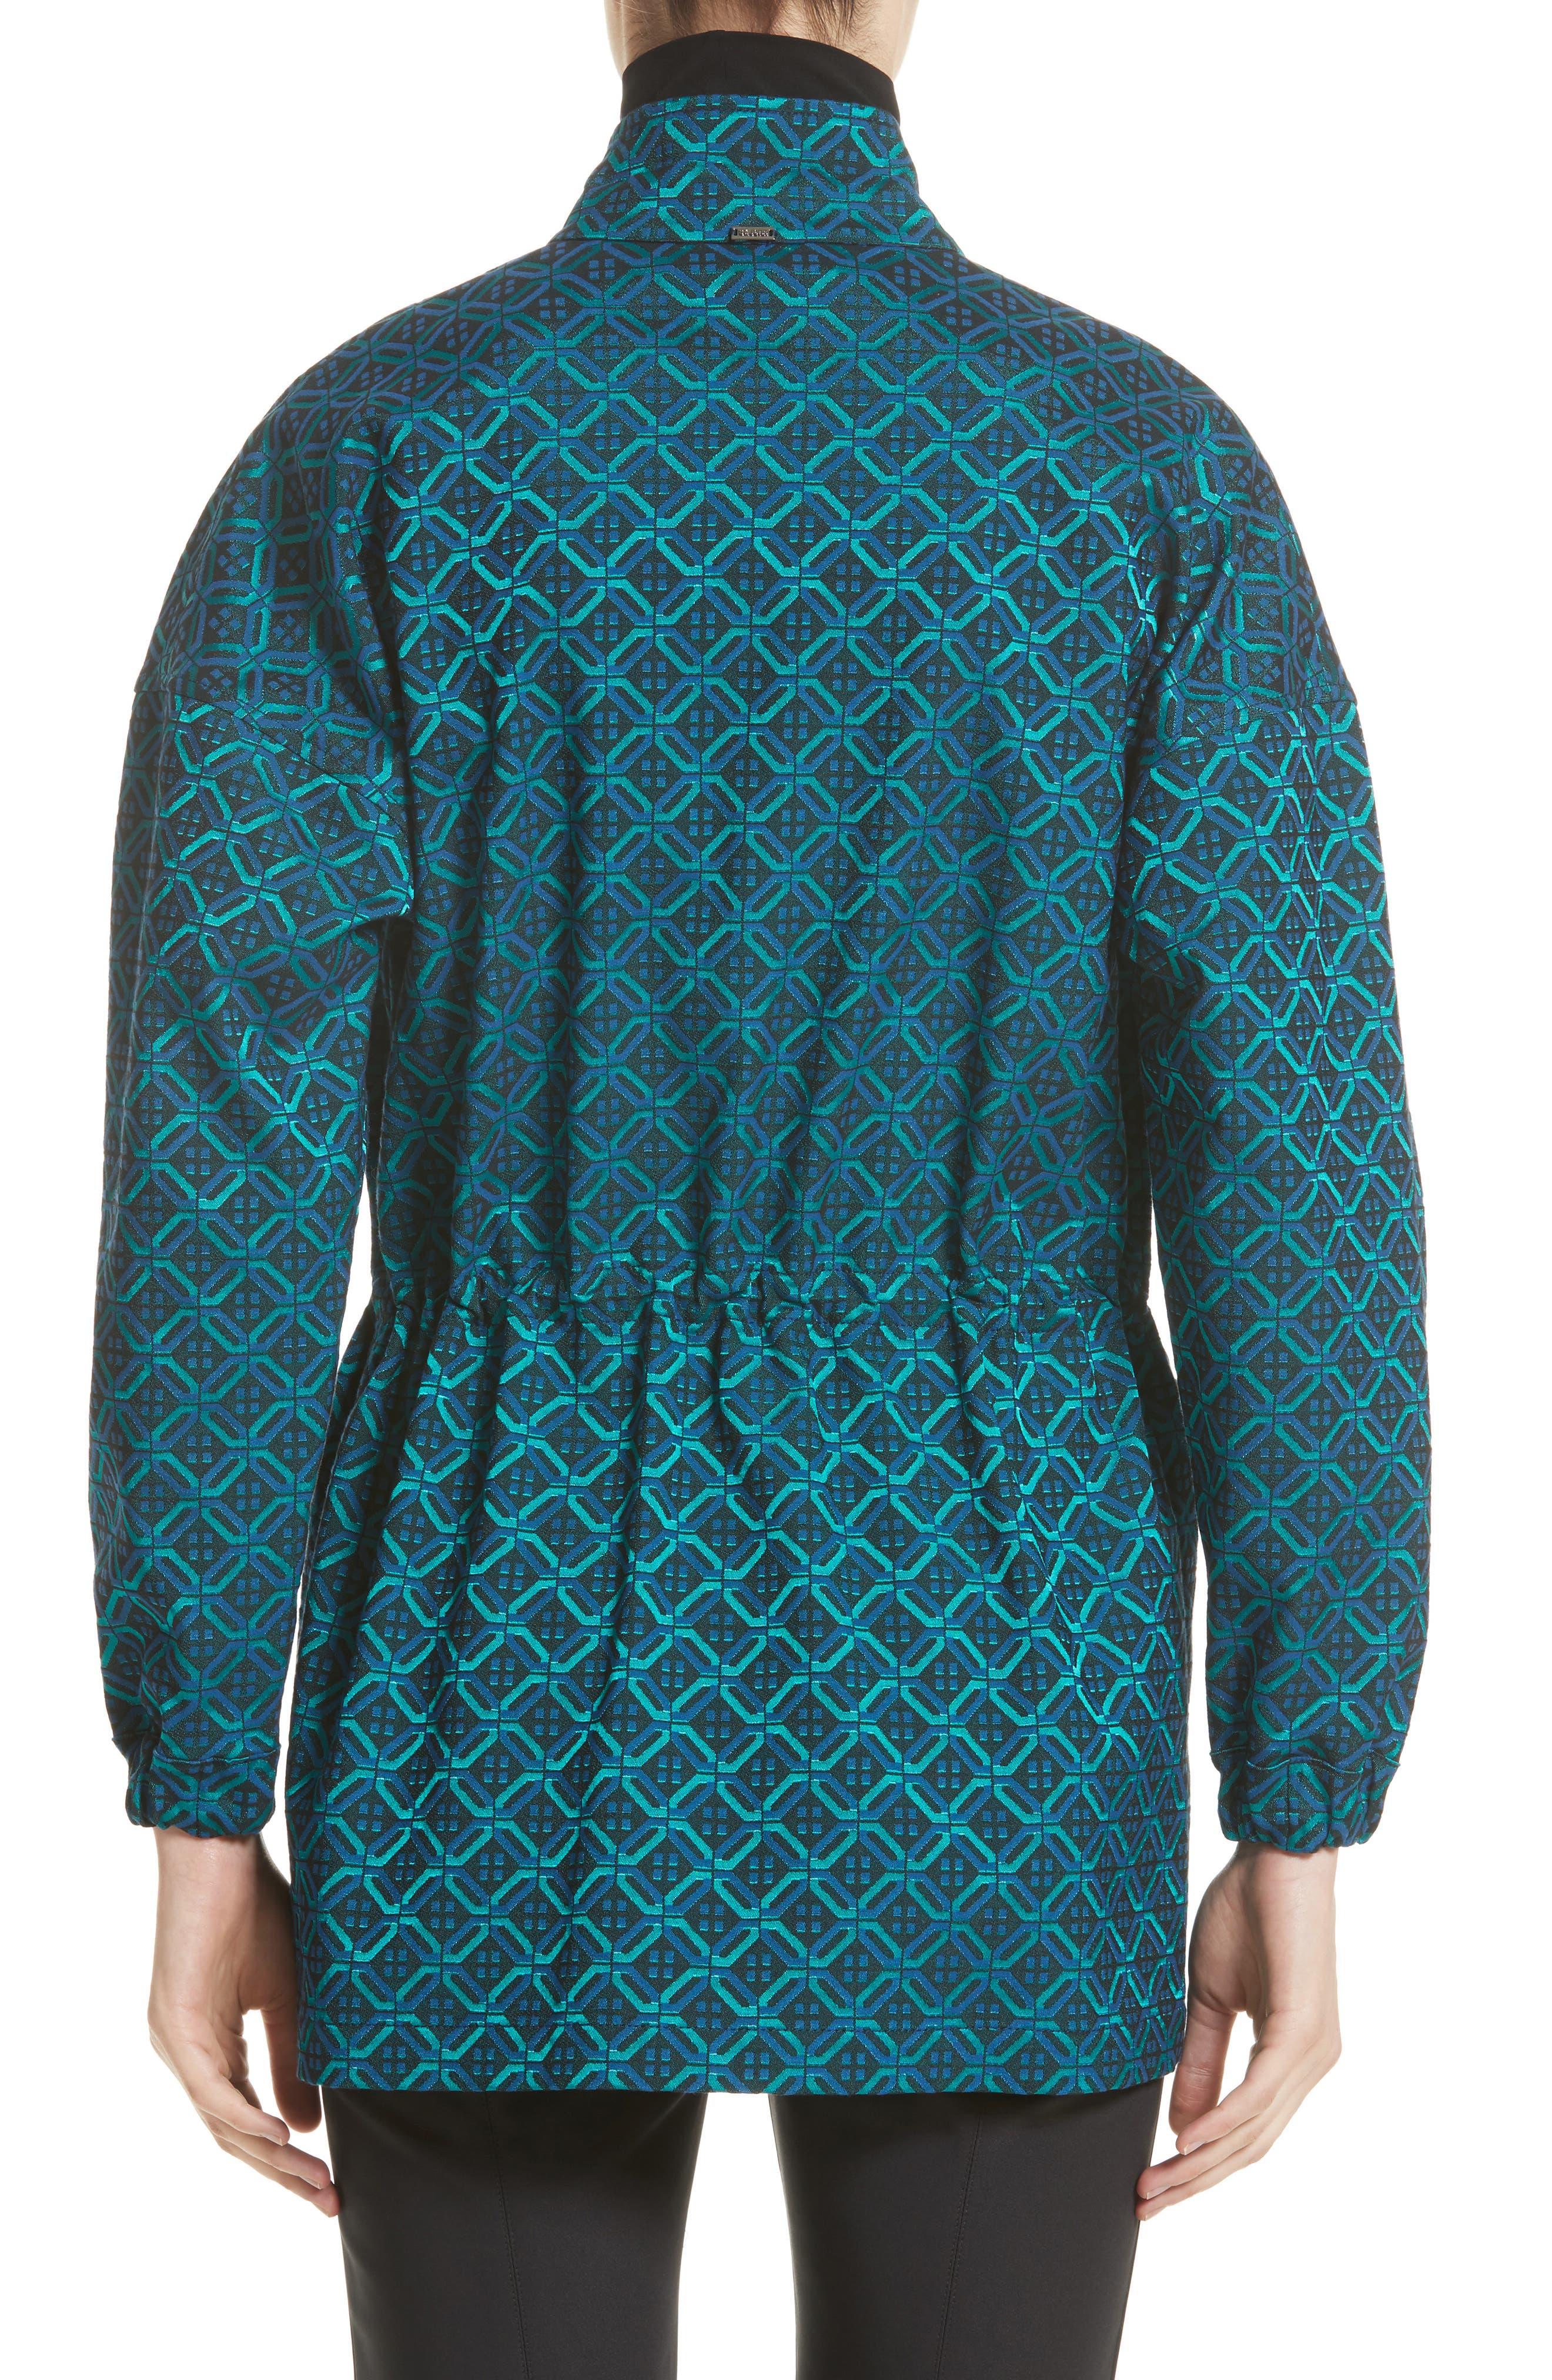 Alternate Image 2  - St. John Collection Tile Jacquard Funnel Neck Jacket